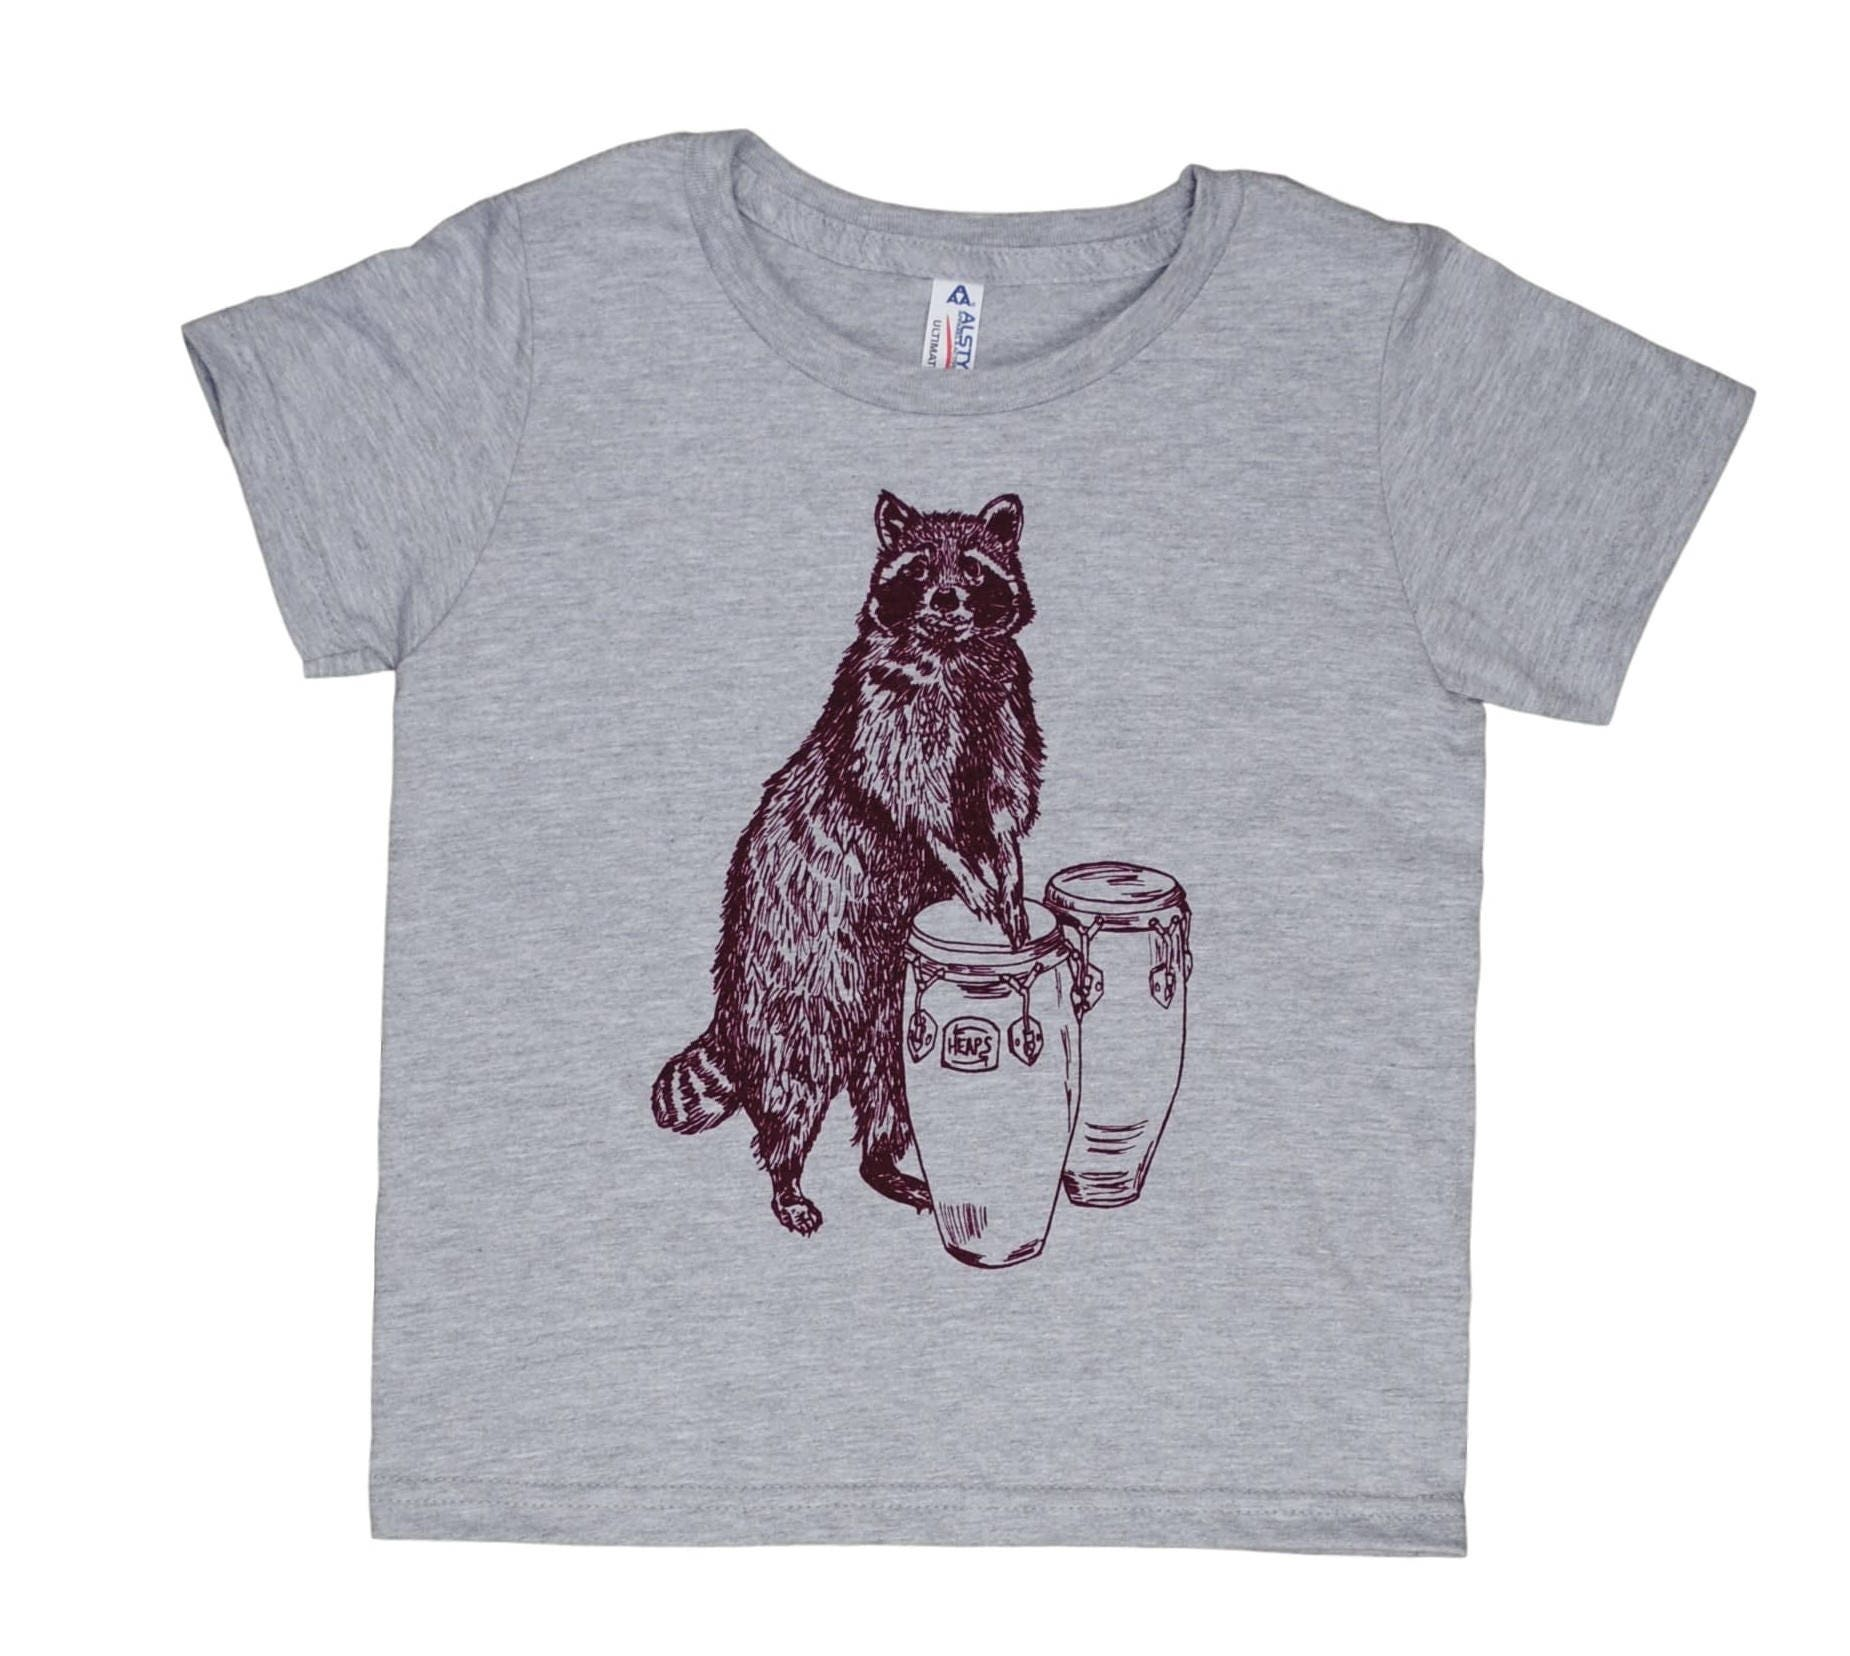 Funny Kids Tshirts - Raccoon Tshirt - Tshirts for Boys - Tshirts for ...